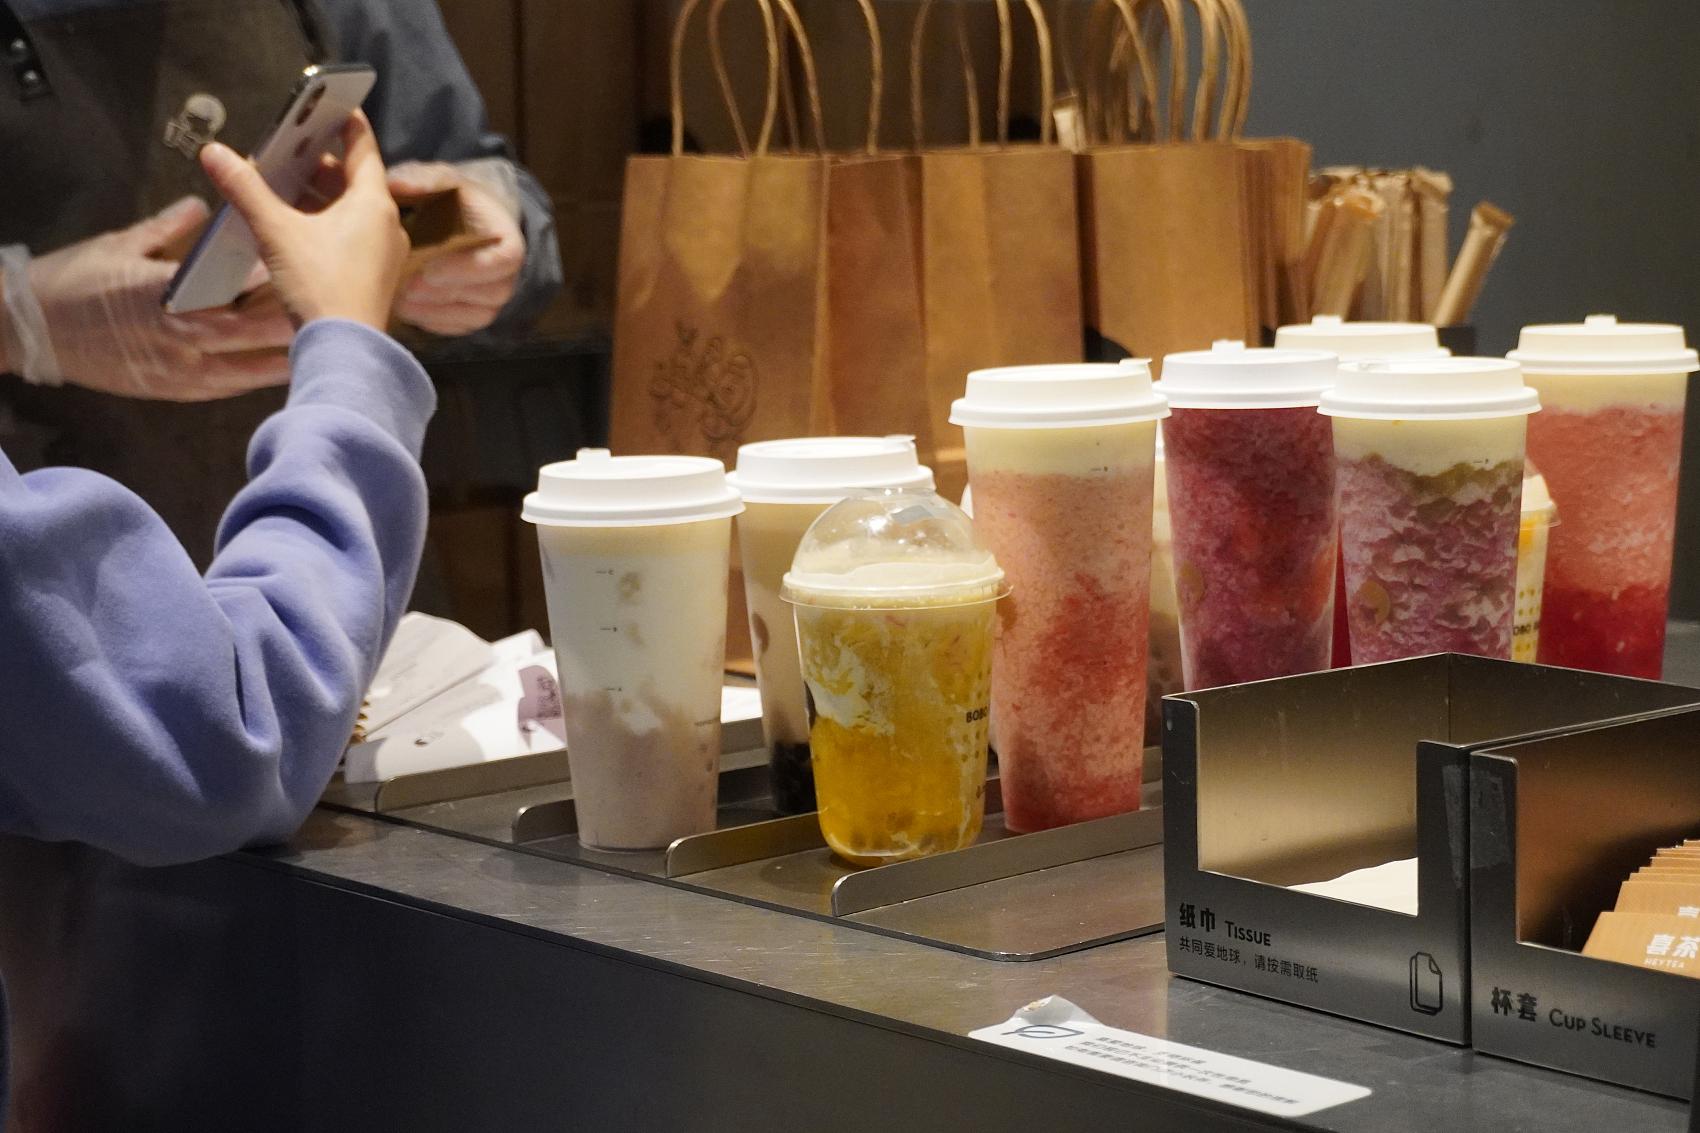 奶茶要涨价了?近10种原料价格上涨,最高翻5倍